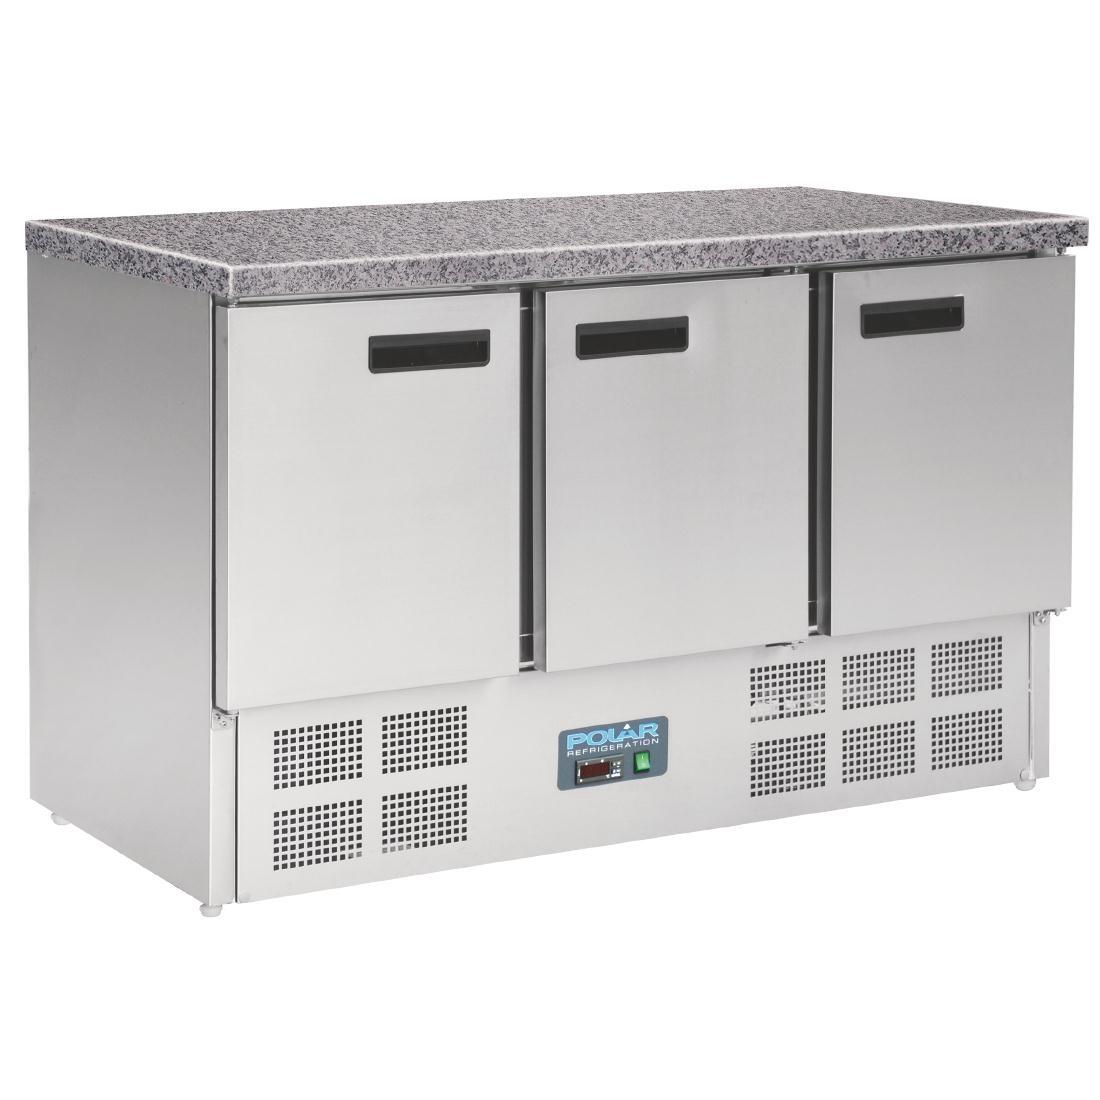 Table réfrigérée positive plan de travail en marbre 3 portes 368L